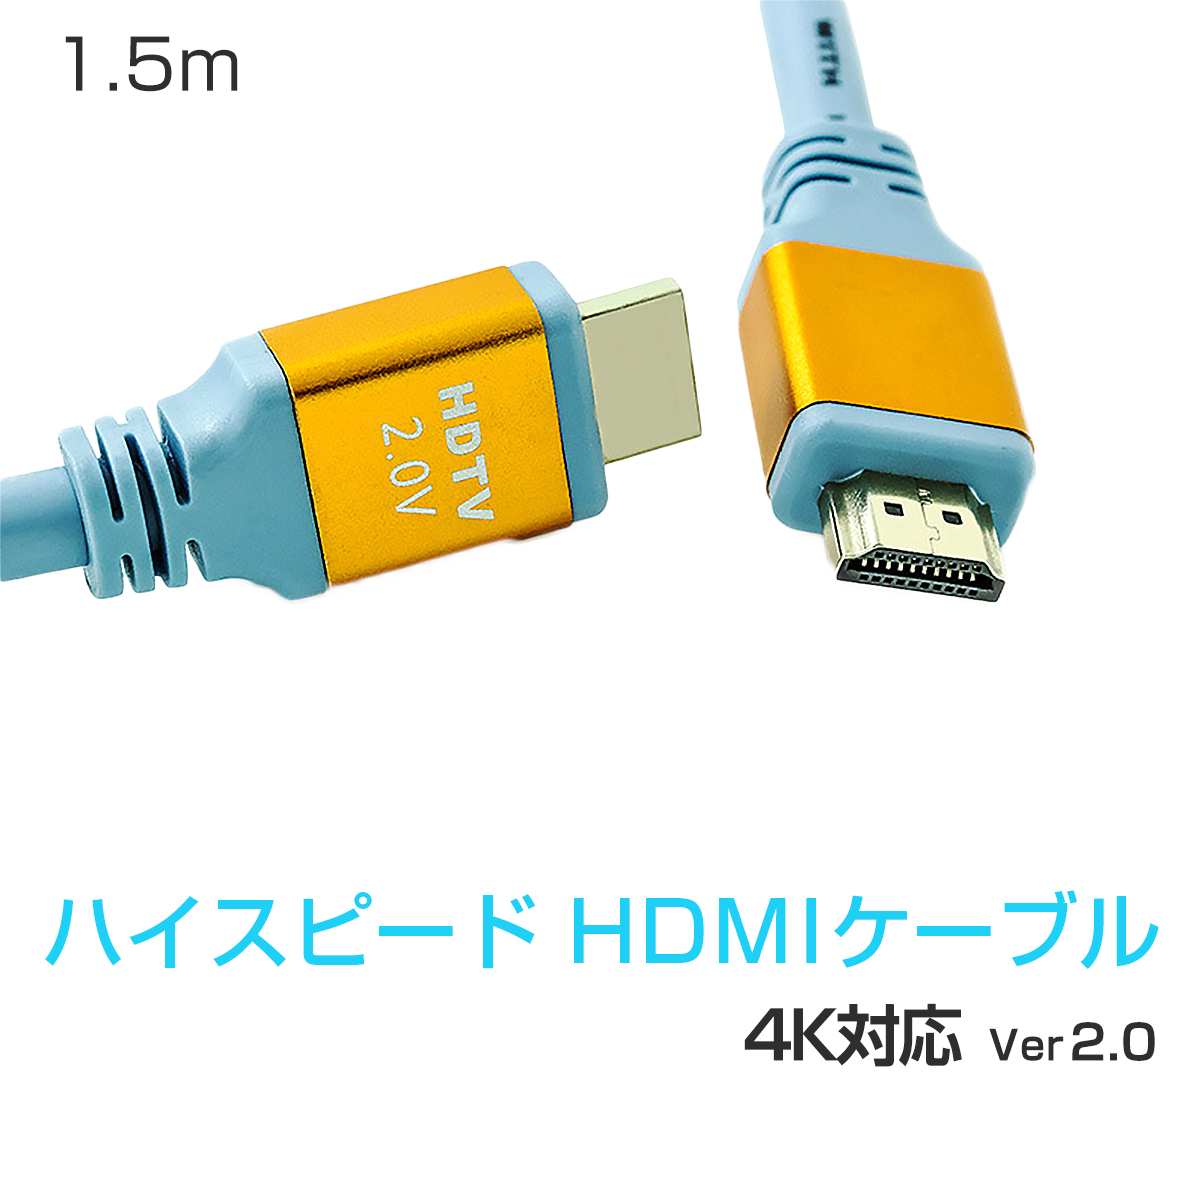 在庫処分HDMIケーブル ハイスピード Ver2.0 4K/60p UltraHD HDR 3D FHD HEC ARC 1.5m ノイズキャンセラー付き タイプAオス-タイプAオス 青 SDM便送料無料 1ヶ月保証 K&M